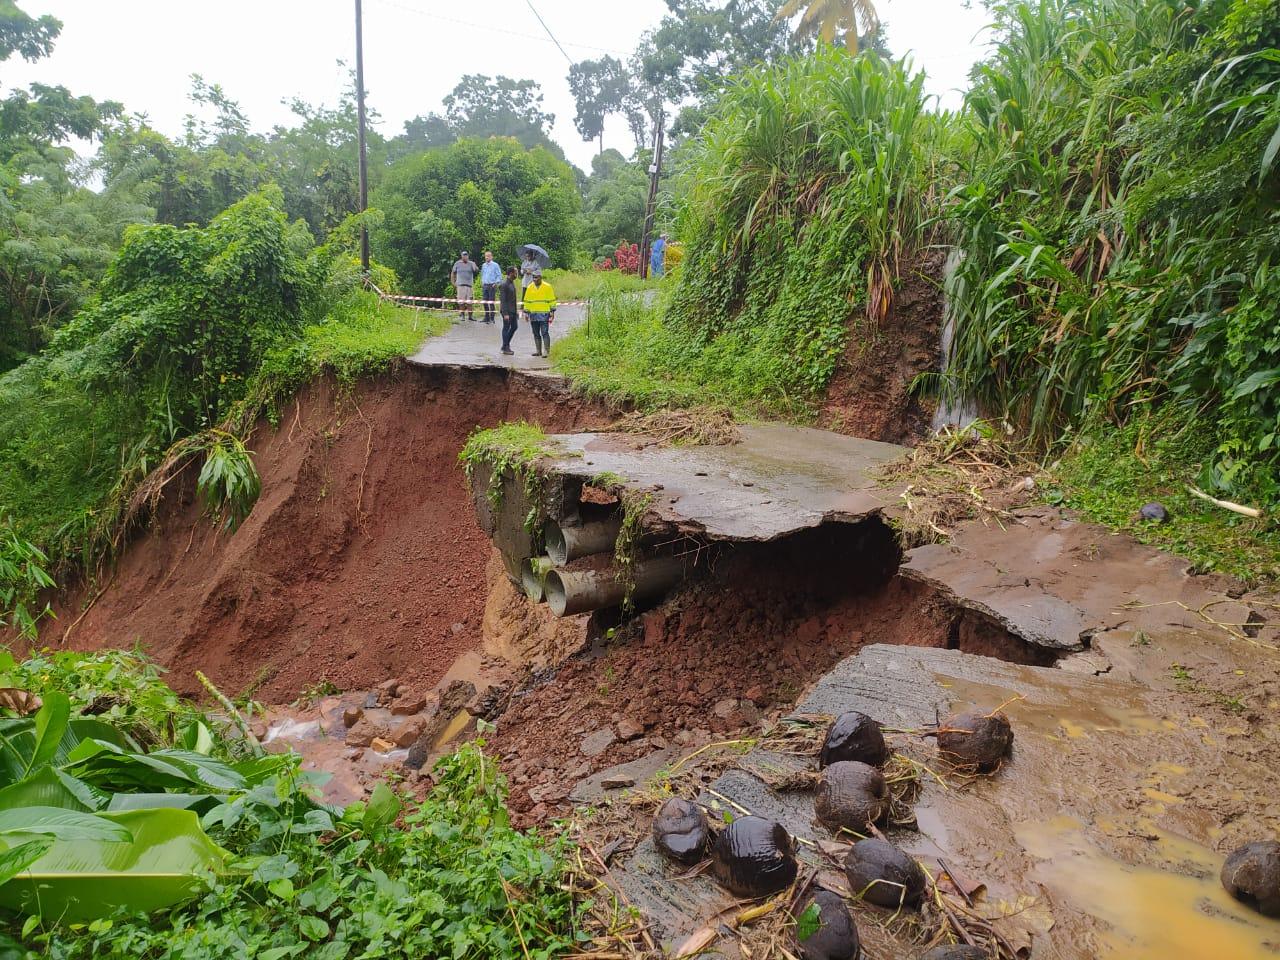 Glissements de terrain, routes détruites : les fortes pluies provoquent des dégâts en Martinique